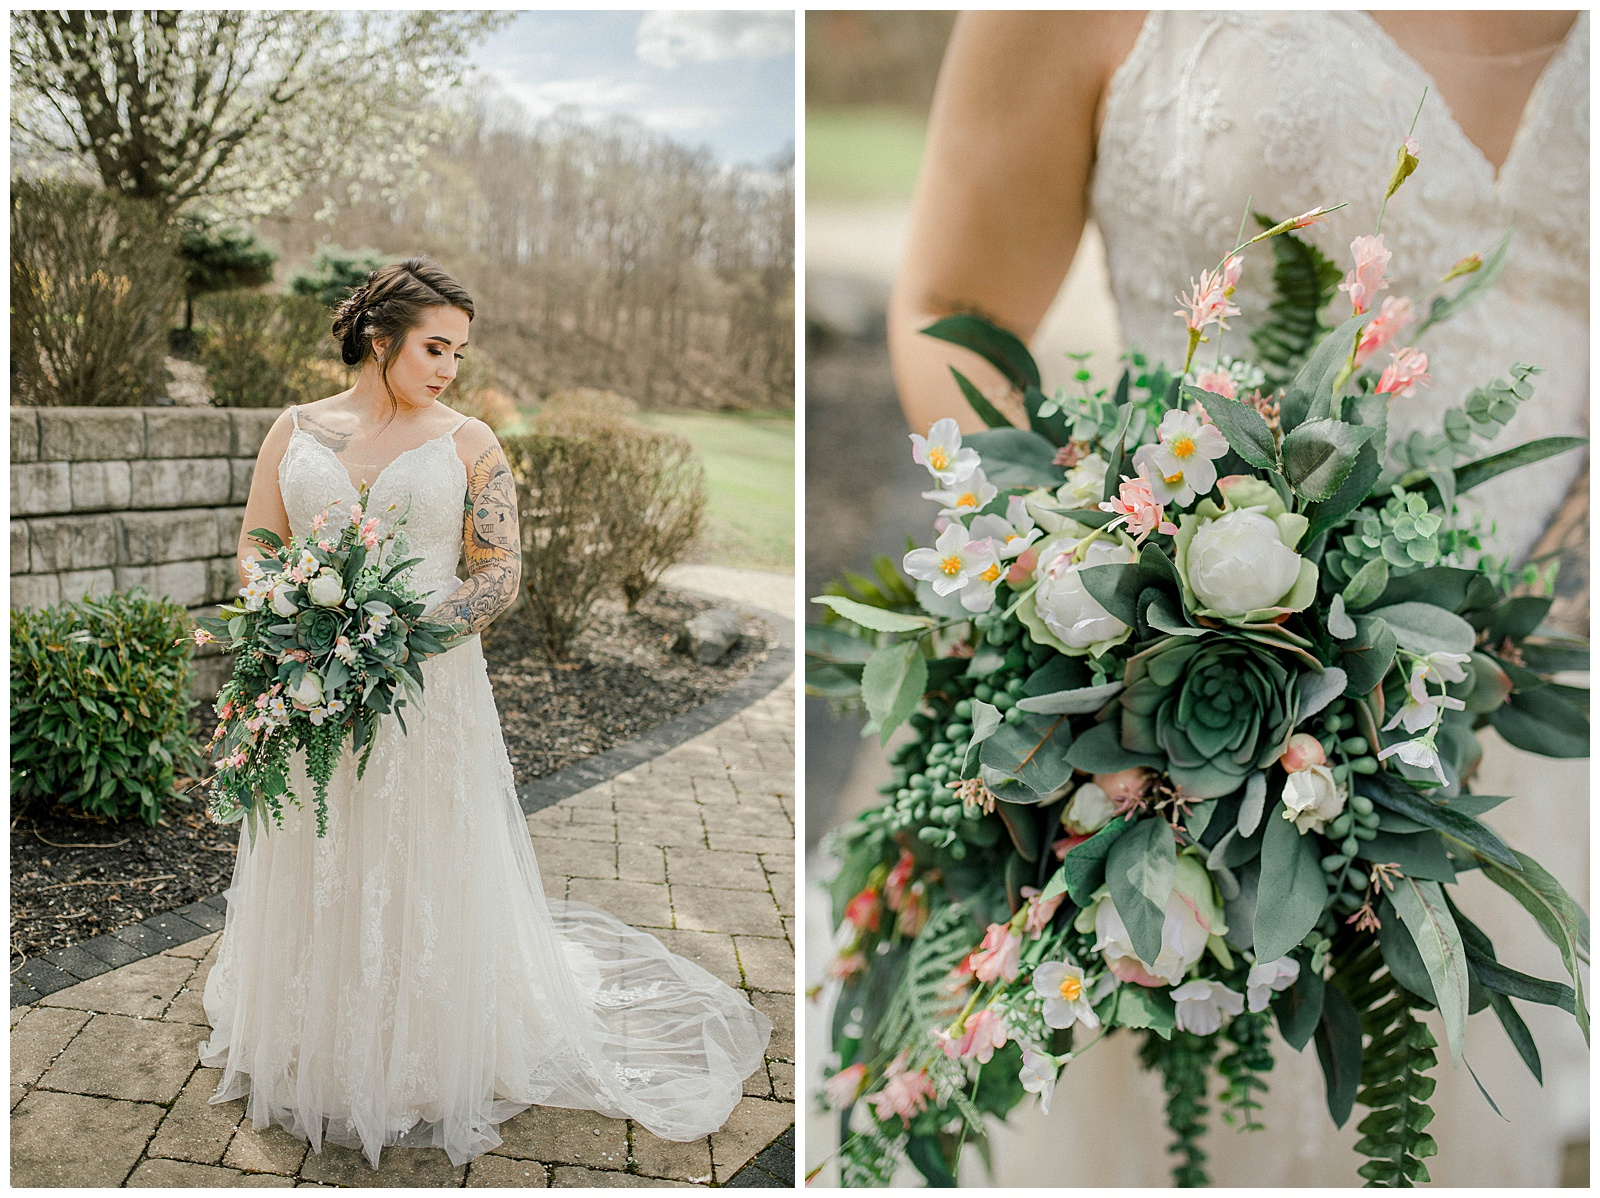 Lewis-Kara-Blakeman-Photography-Huntington-West-Virginia-Wedding-Barn-Olde-Homestead-20